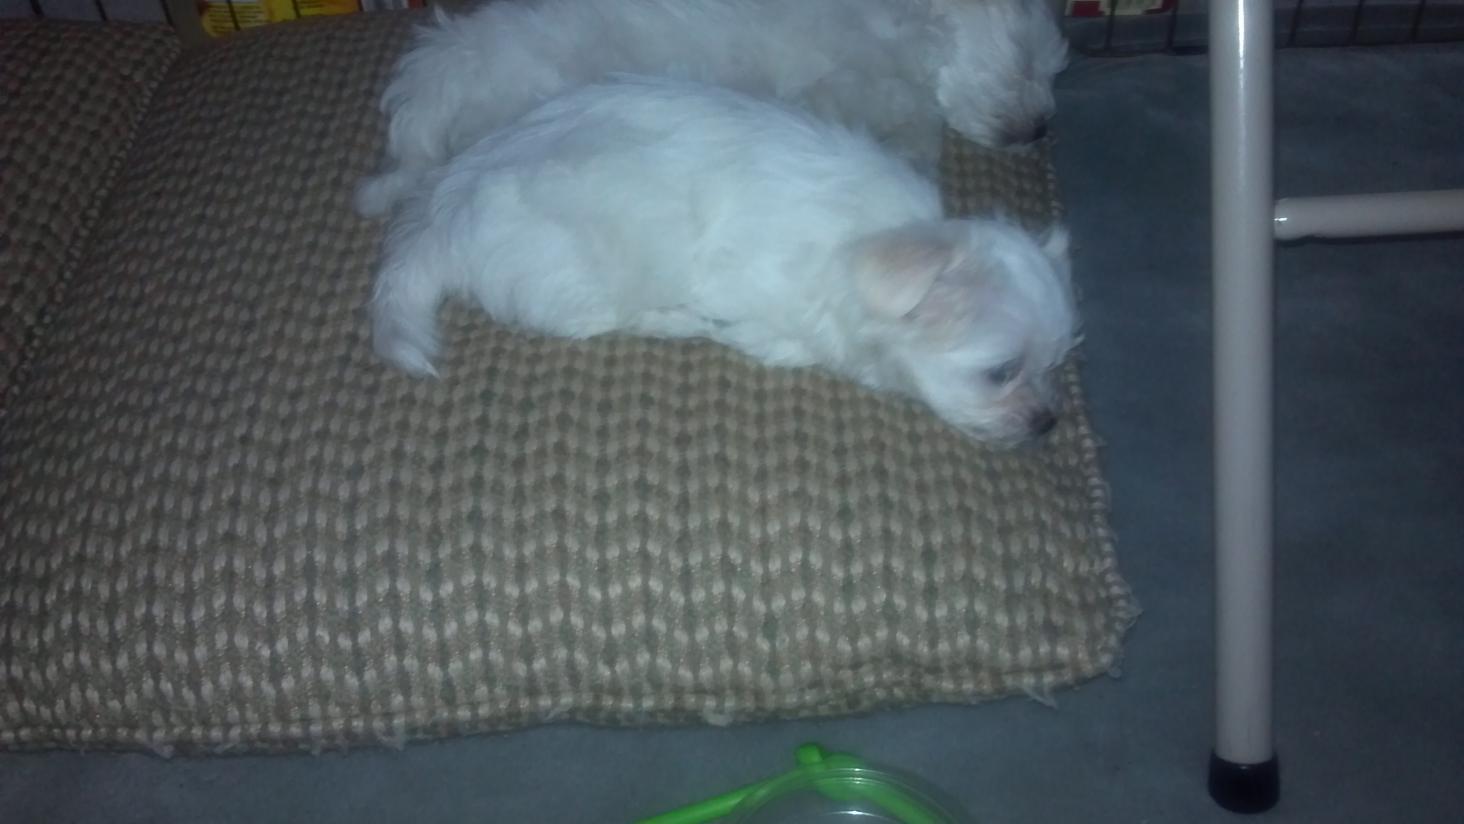 Kaylla and Khloee-2012-11-29_15-41-00_616.jpg